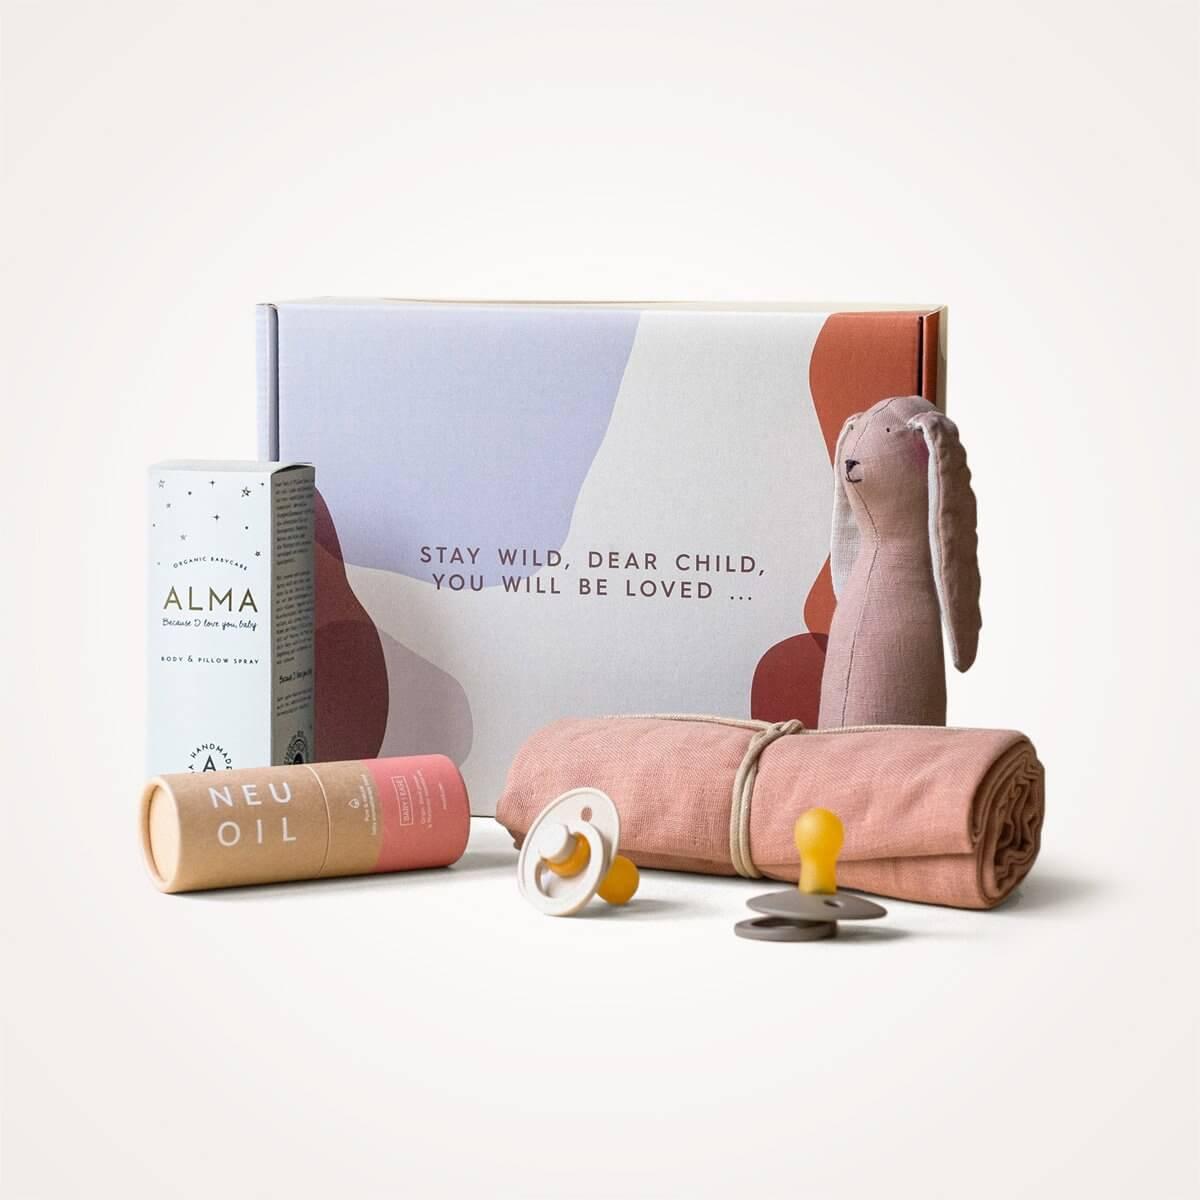 Giocattoli e prodotti beloved scatola postale eco colorata x packhelp